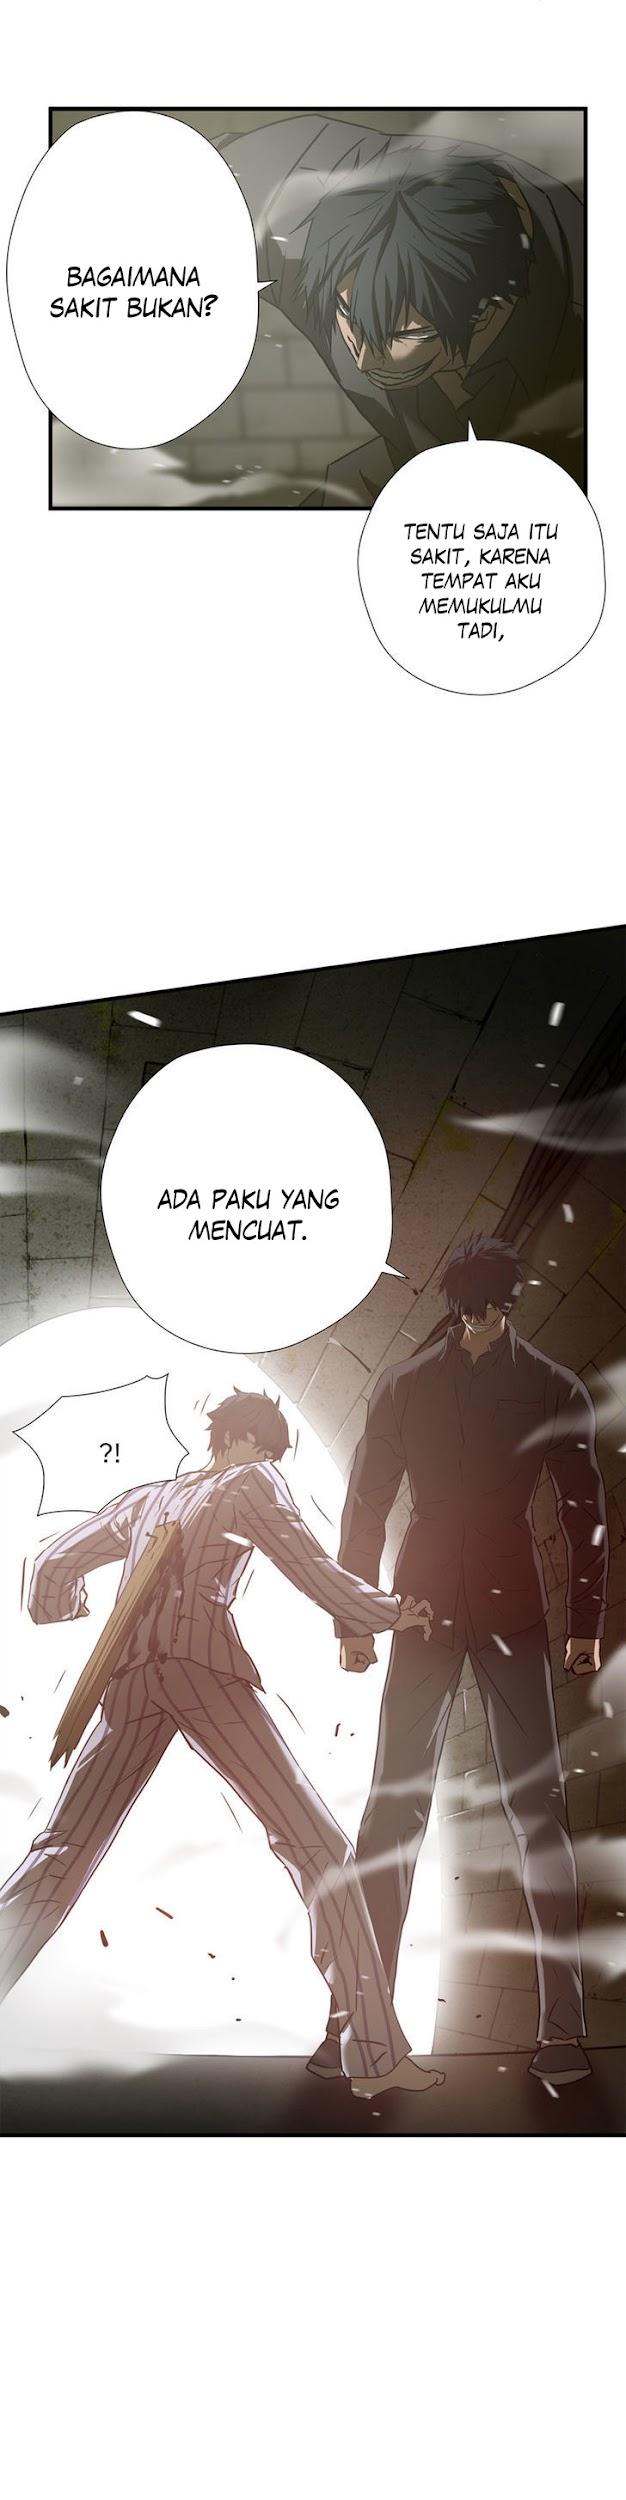 Dilarang COPAS - situs resmi www.mangacanblog.com - Komik greatest outcast 040 - chapter 40 41 Indonesia greatest outcast 040 - chapter 40 Terbaru 8|Baca Manga Komik Indonesia|Mangacan